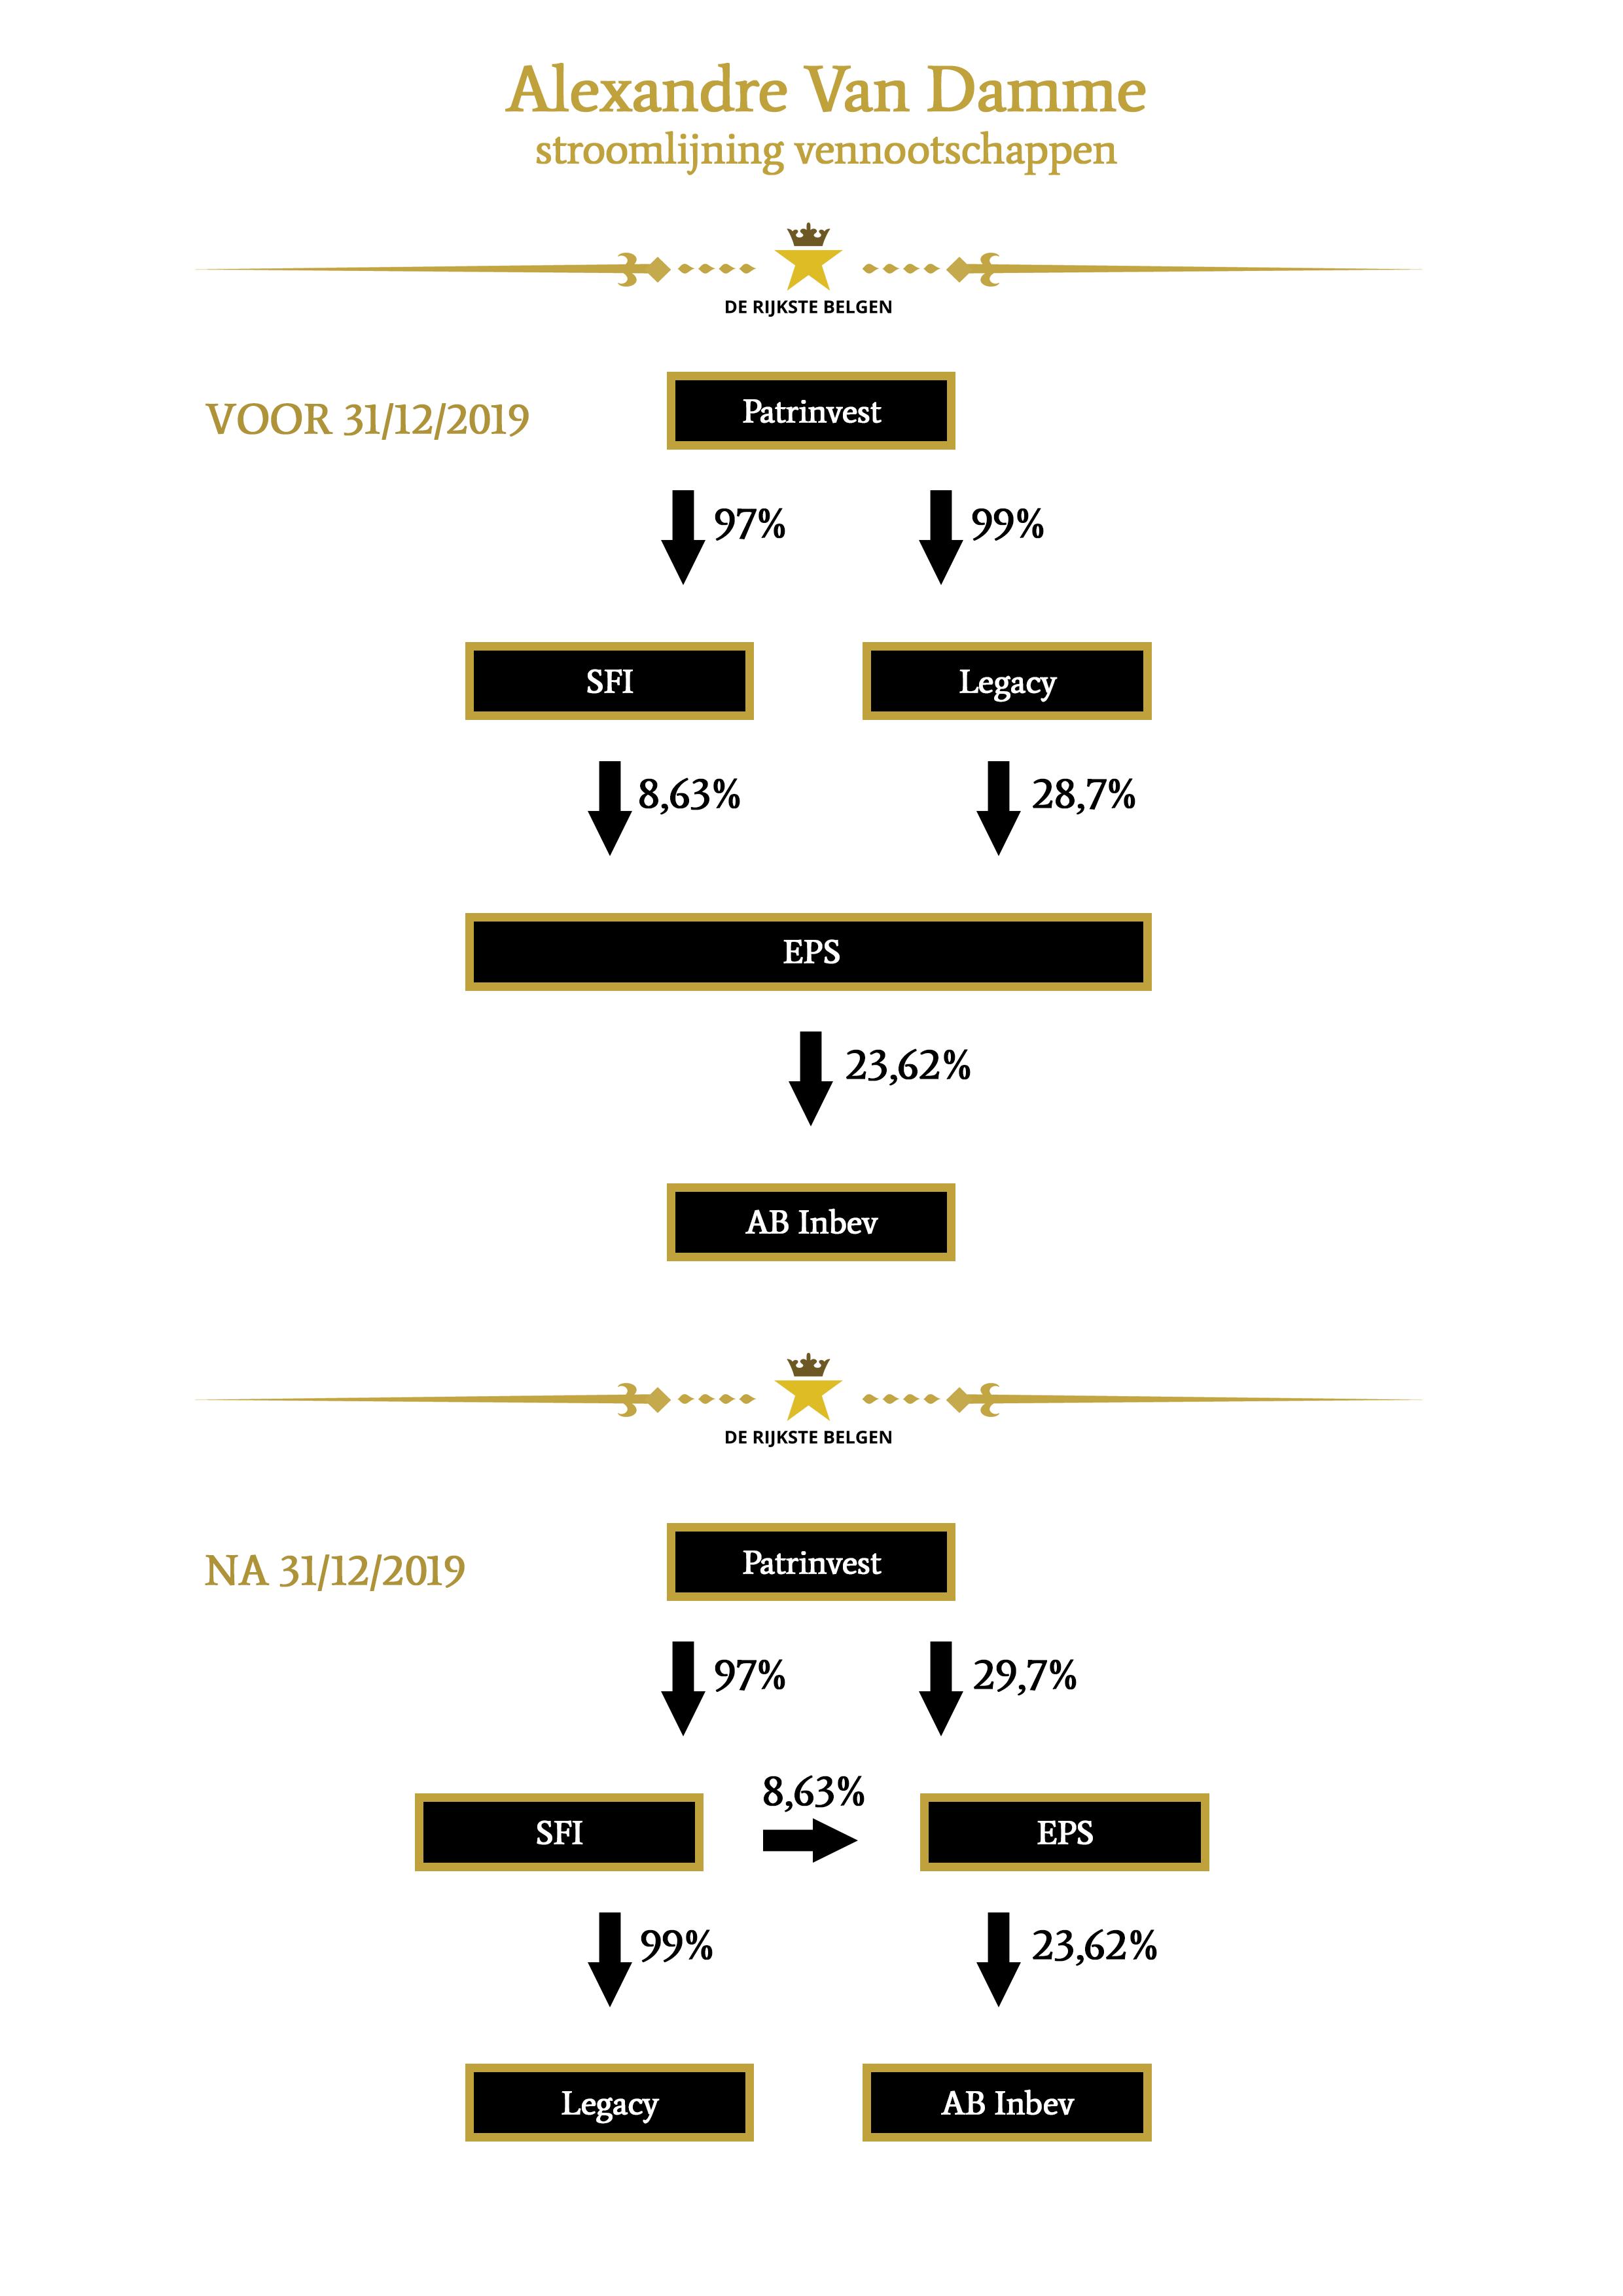 Stroomlijning vennootschappen Alexandre Van Damme - 2019 - Patrinvest